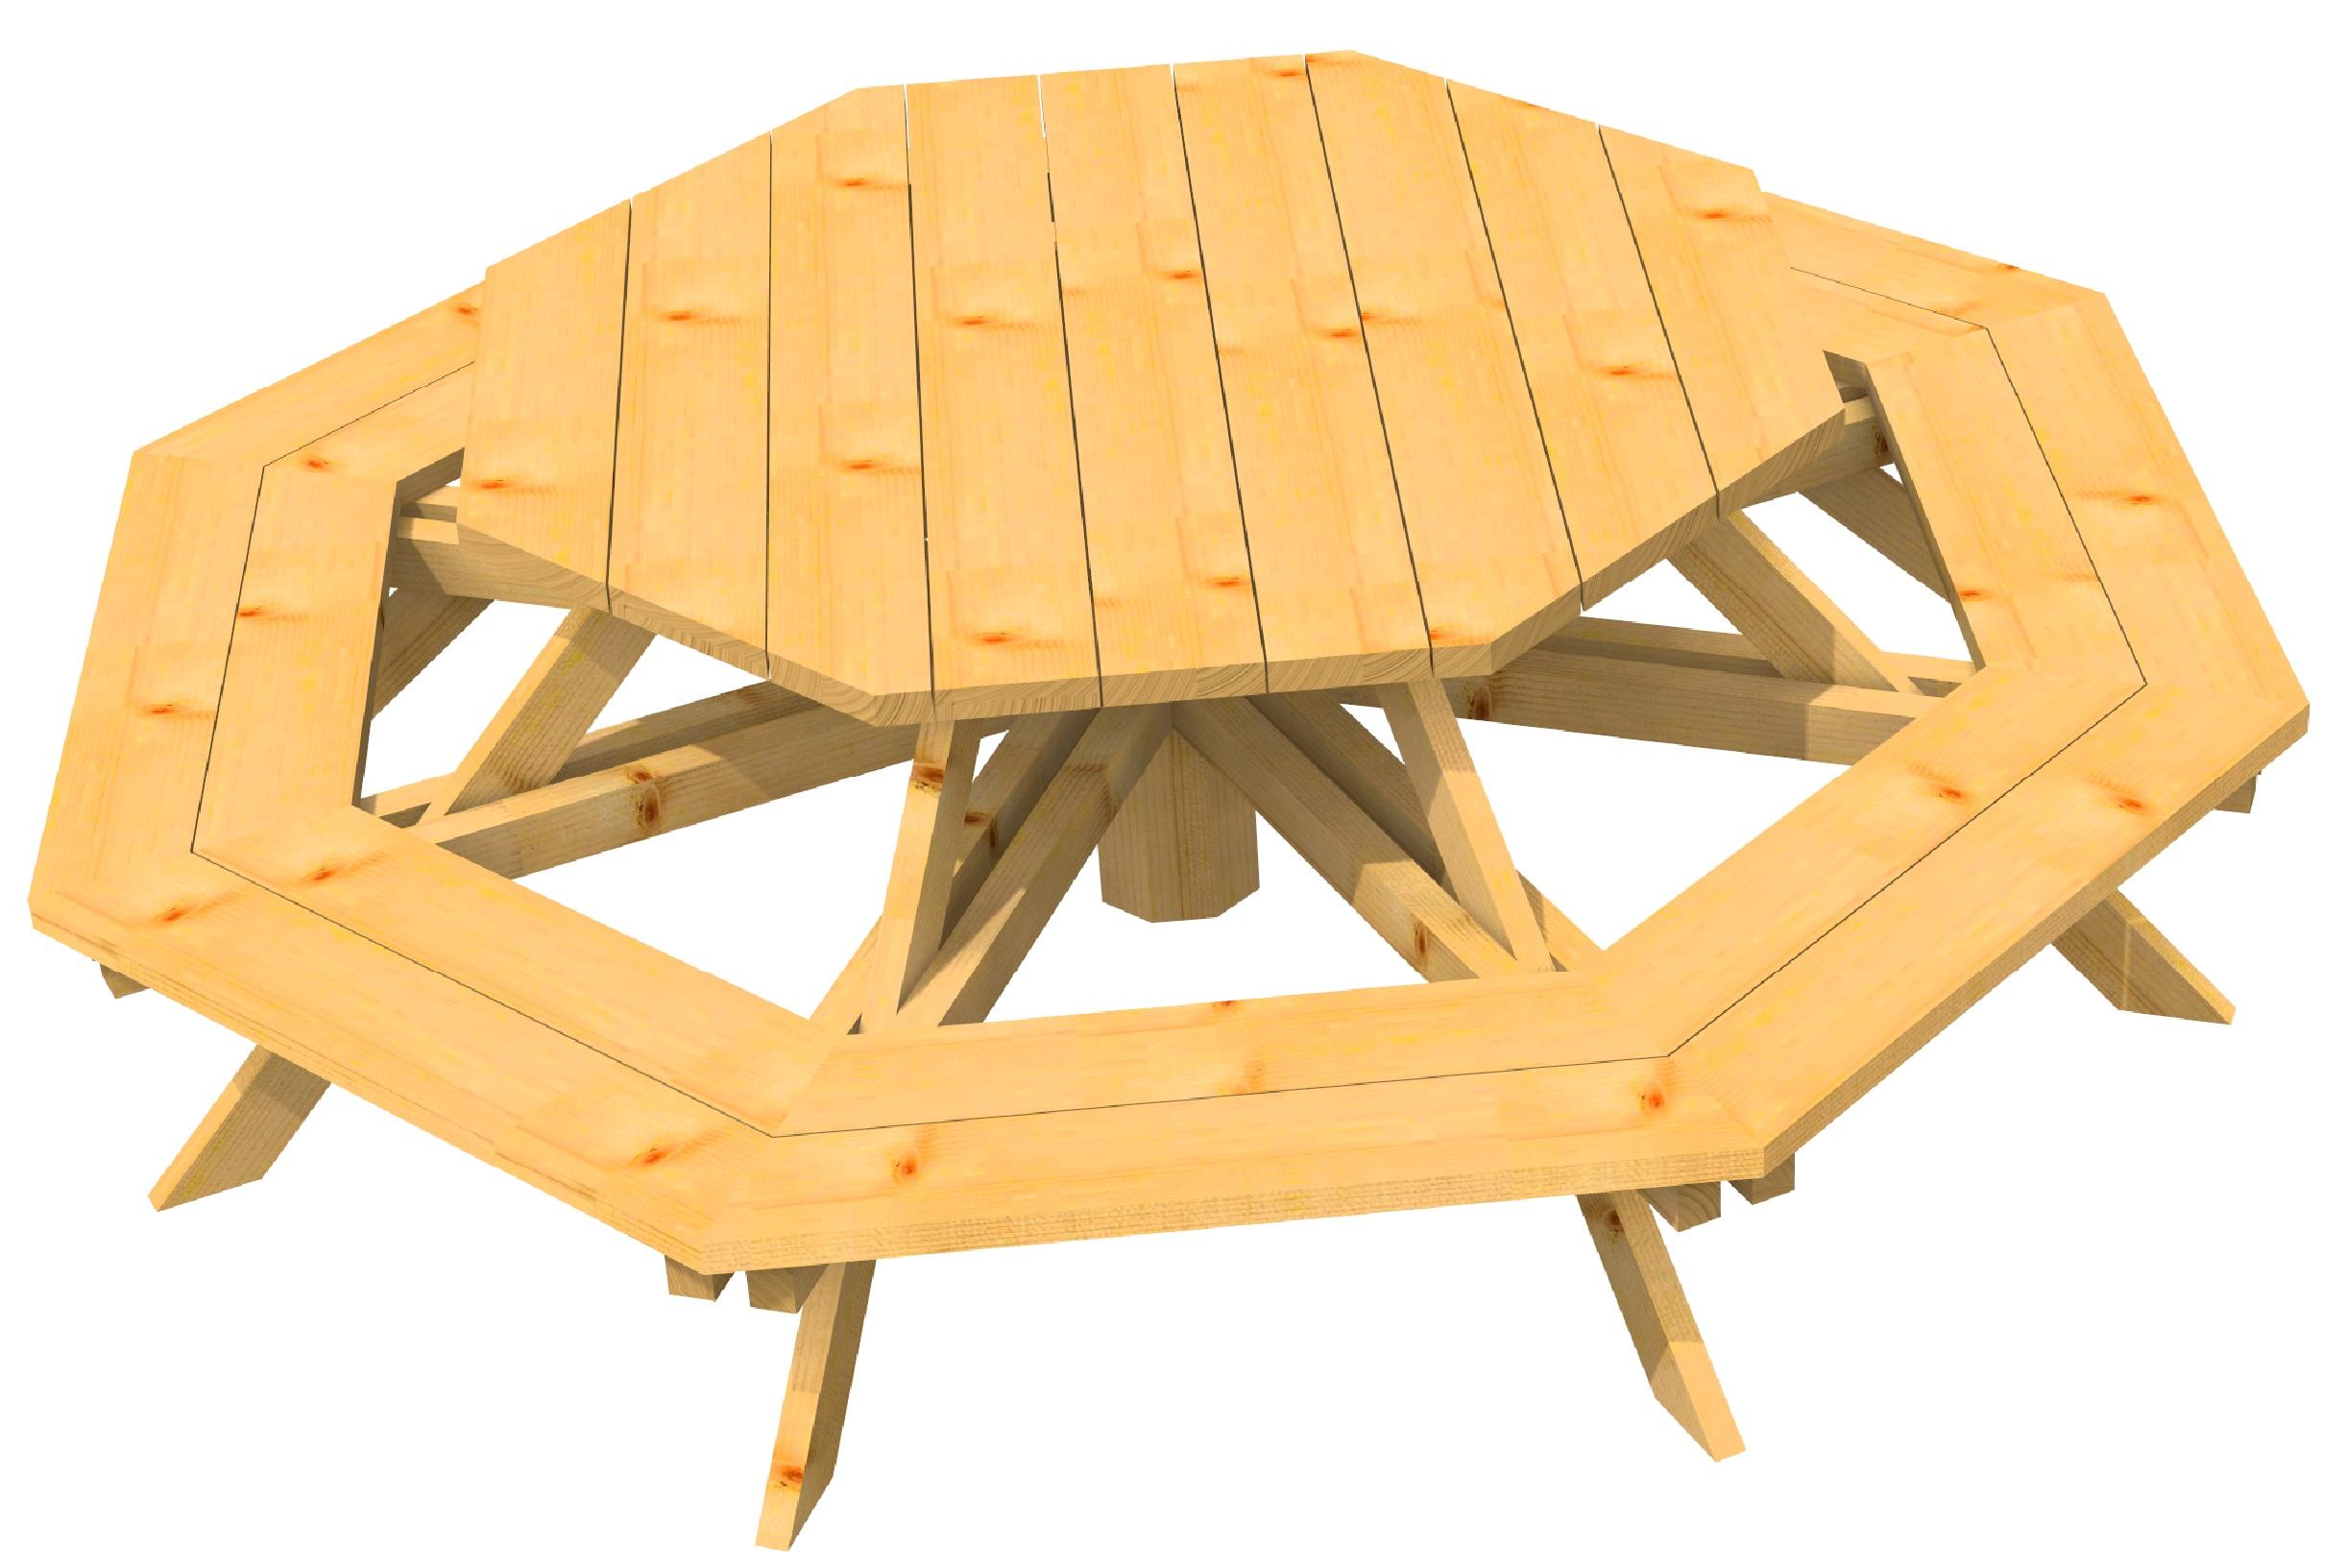 sitzgruppe f r 8 kinder achteck bank mit tisch gr e 3 online kaufen spielt rme direkt vom. Black Bedroom Furniture Sets. Home Design Ideas